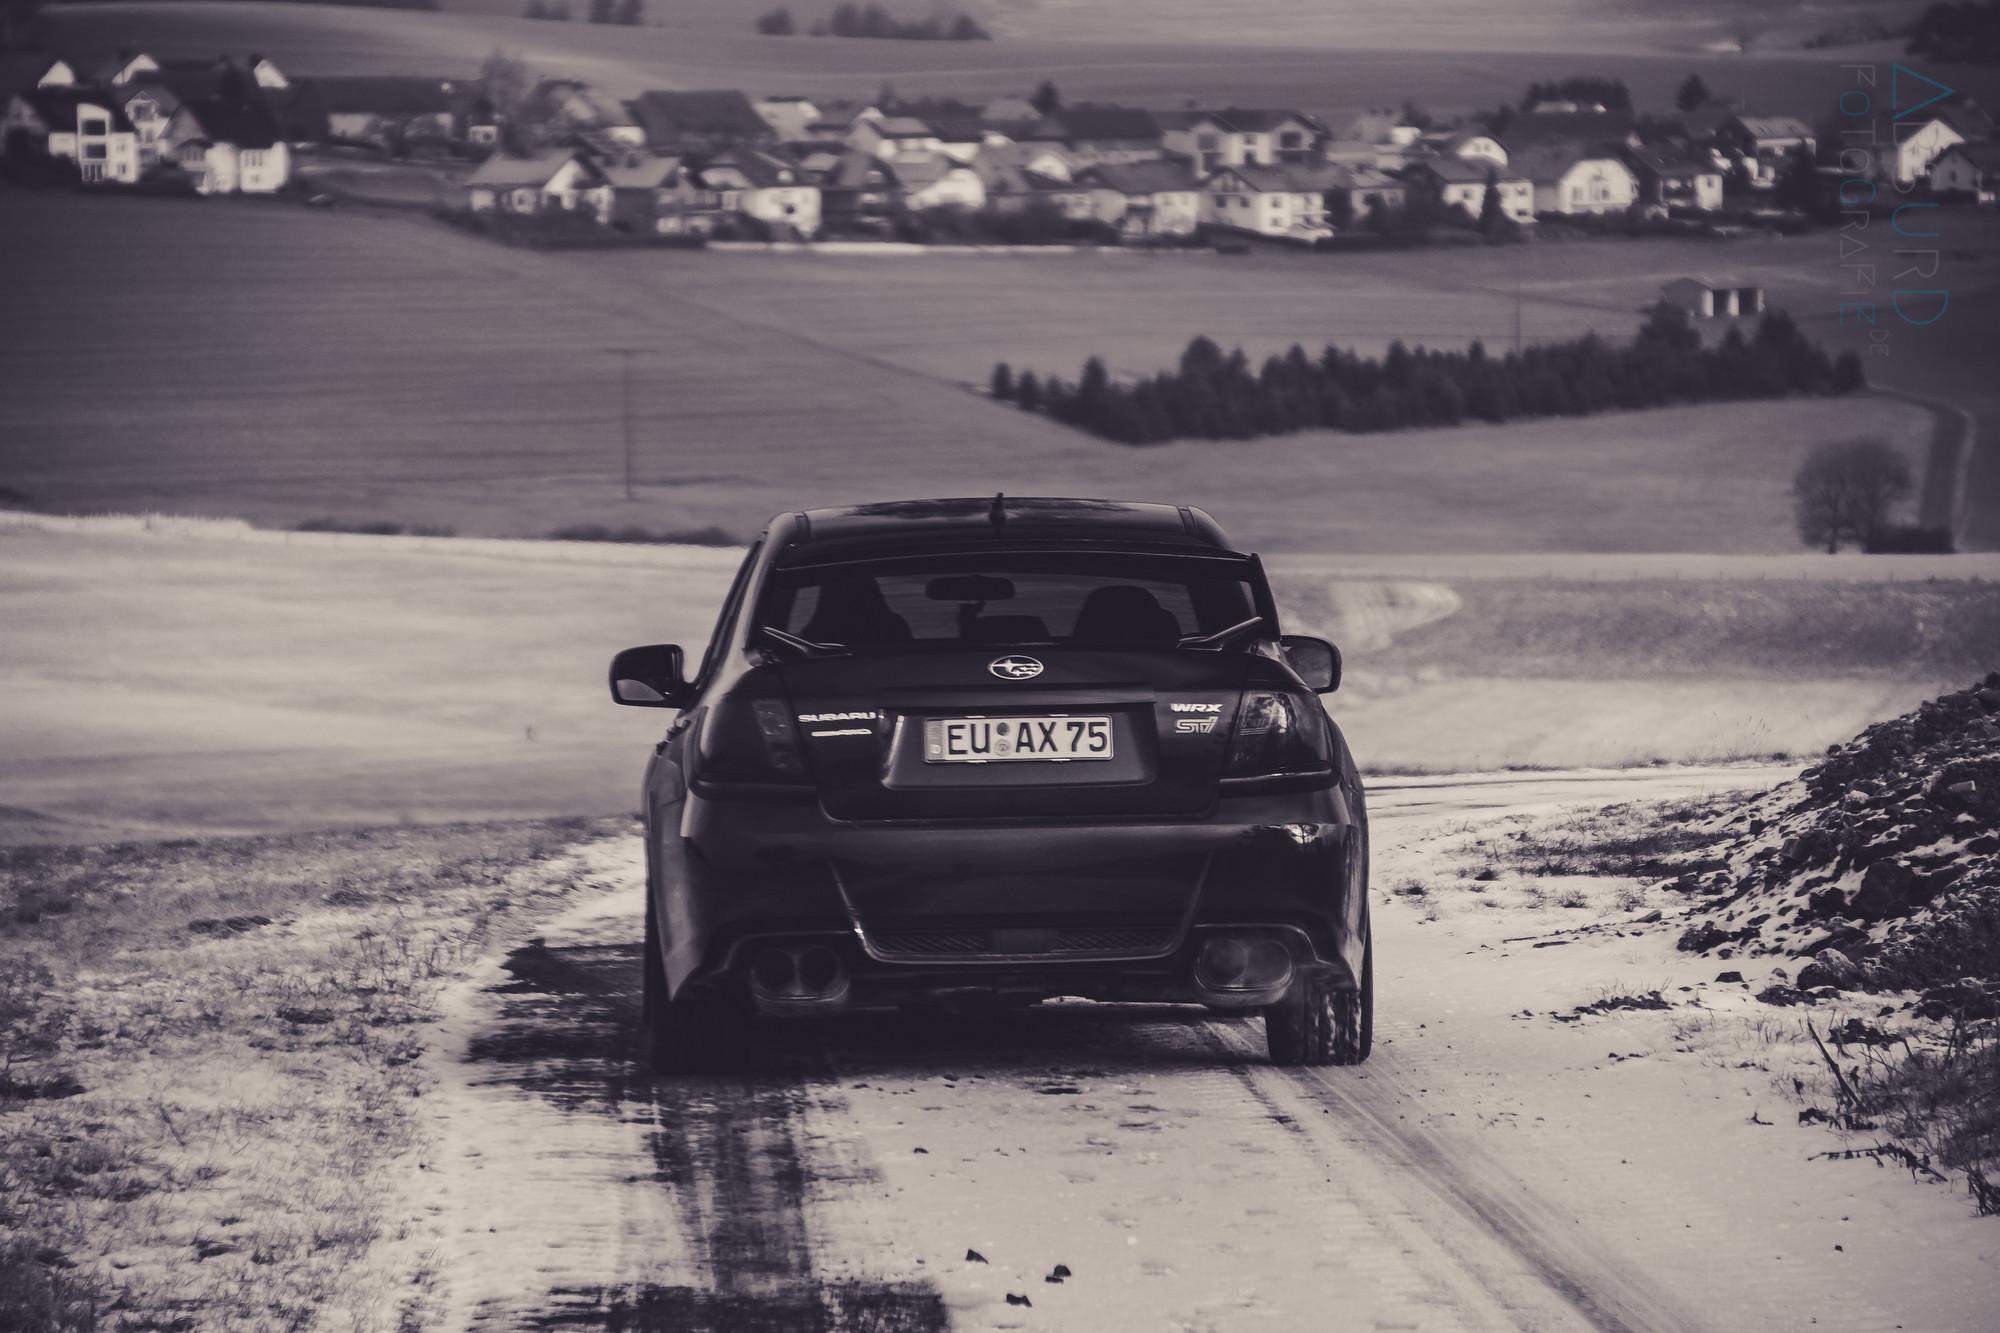 2019-01-20-Alex-Subaru-STI - DSC02140-00257-lredit-_tn.jpg